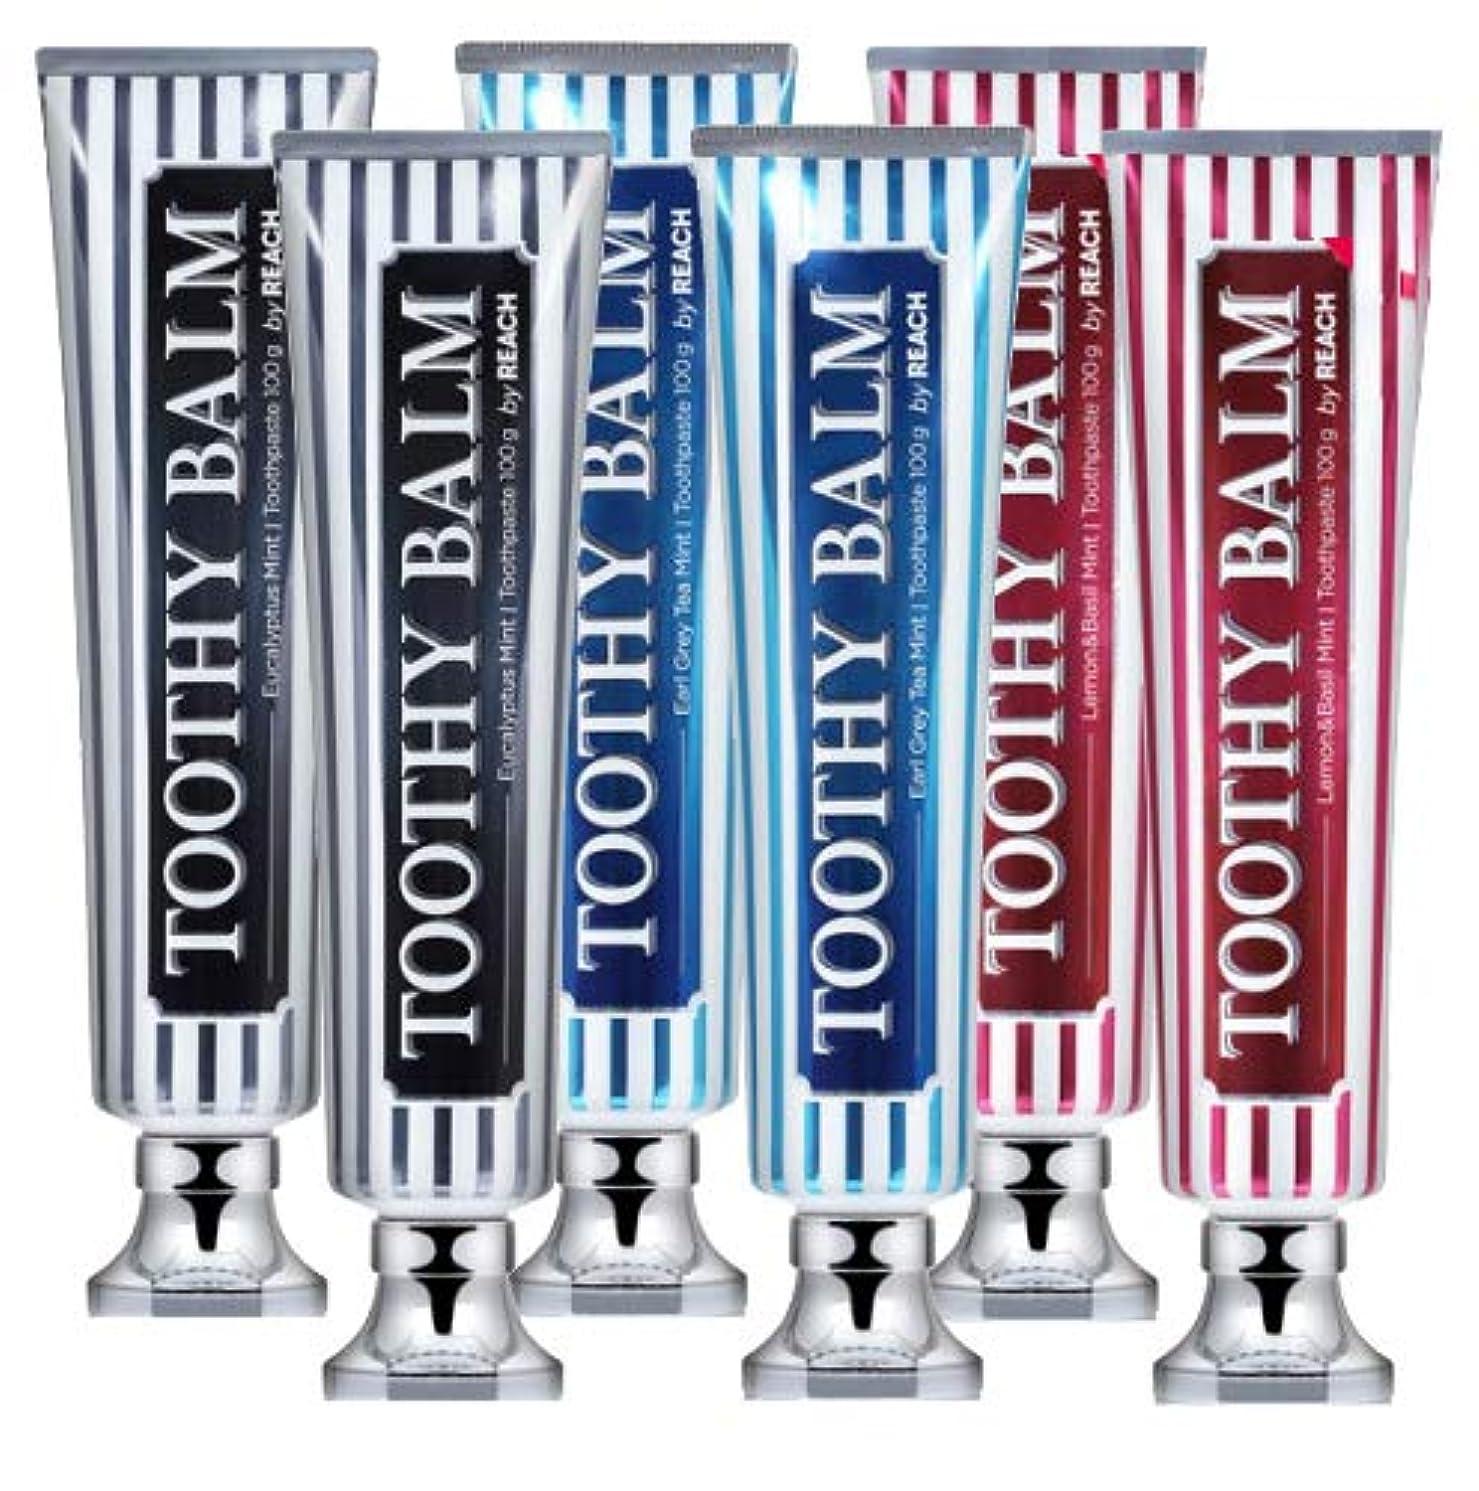 噴出する枯渇関係[LG HnB] Rich Tosea Balm Premium Toothpaste/リッチツシ夜プレミアム歯磨き粉 100gx6個(海外直送品)